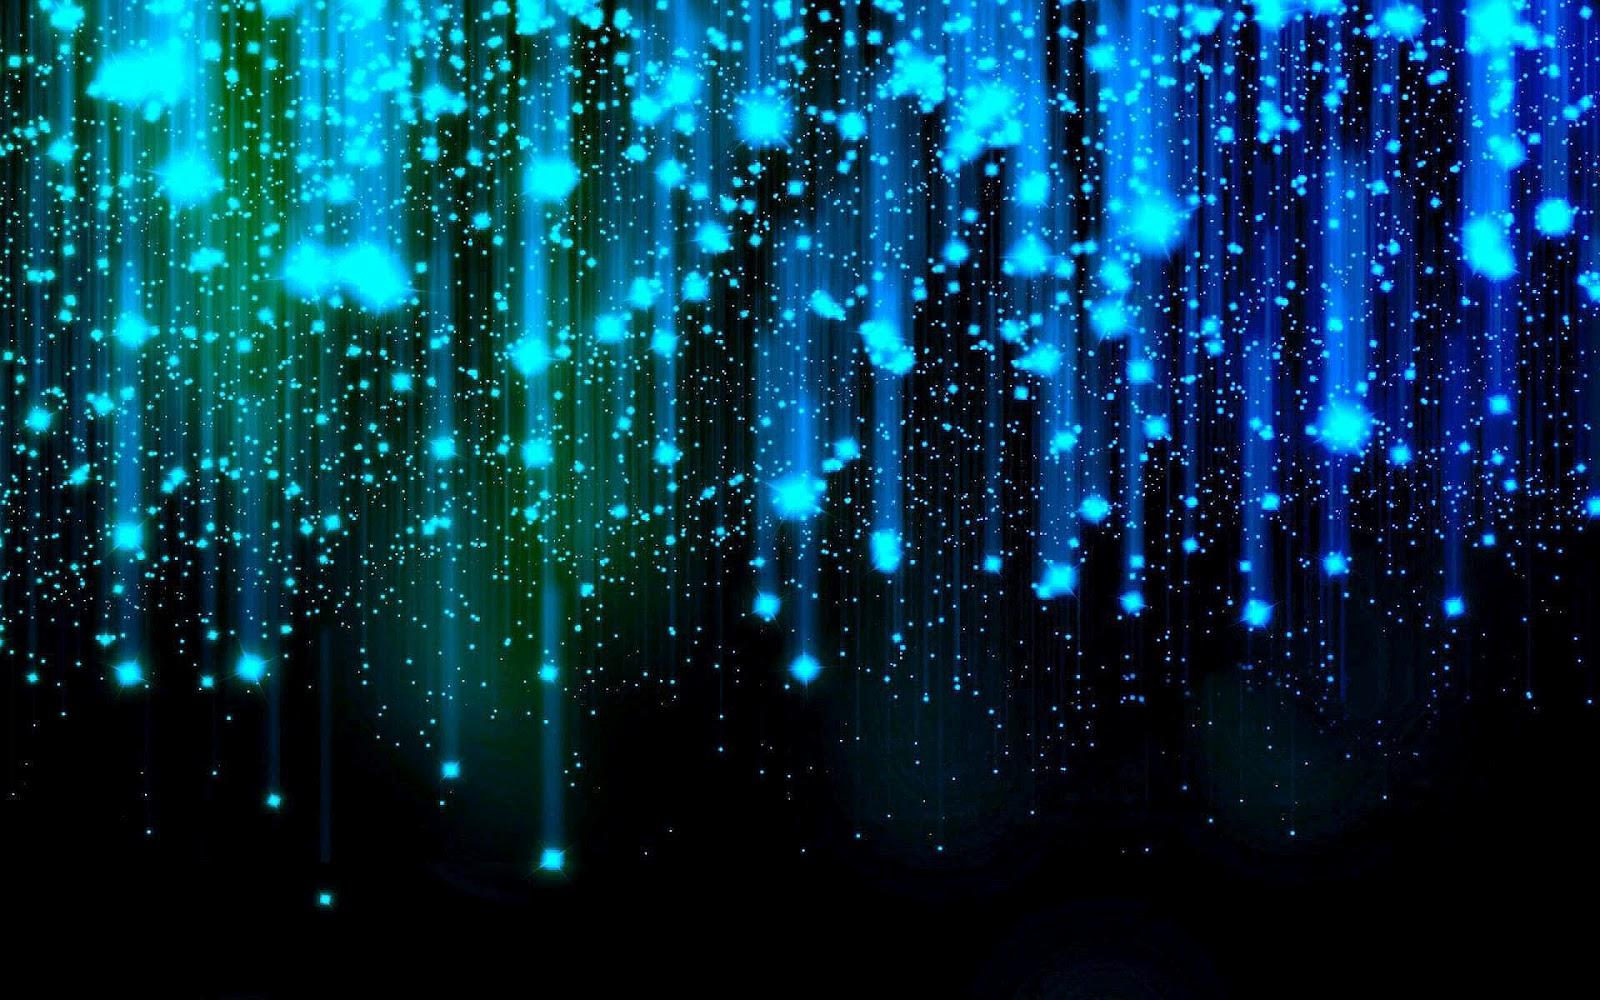 donkerblauwe abstracte wallpaper met - photo #13